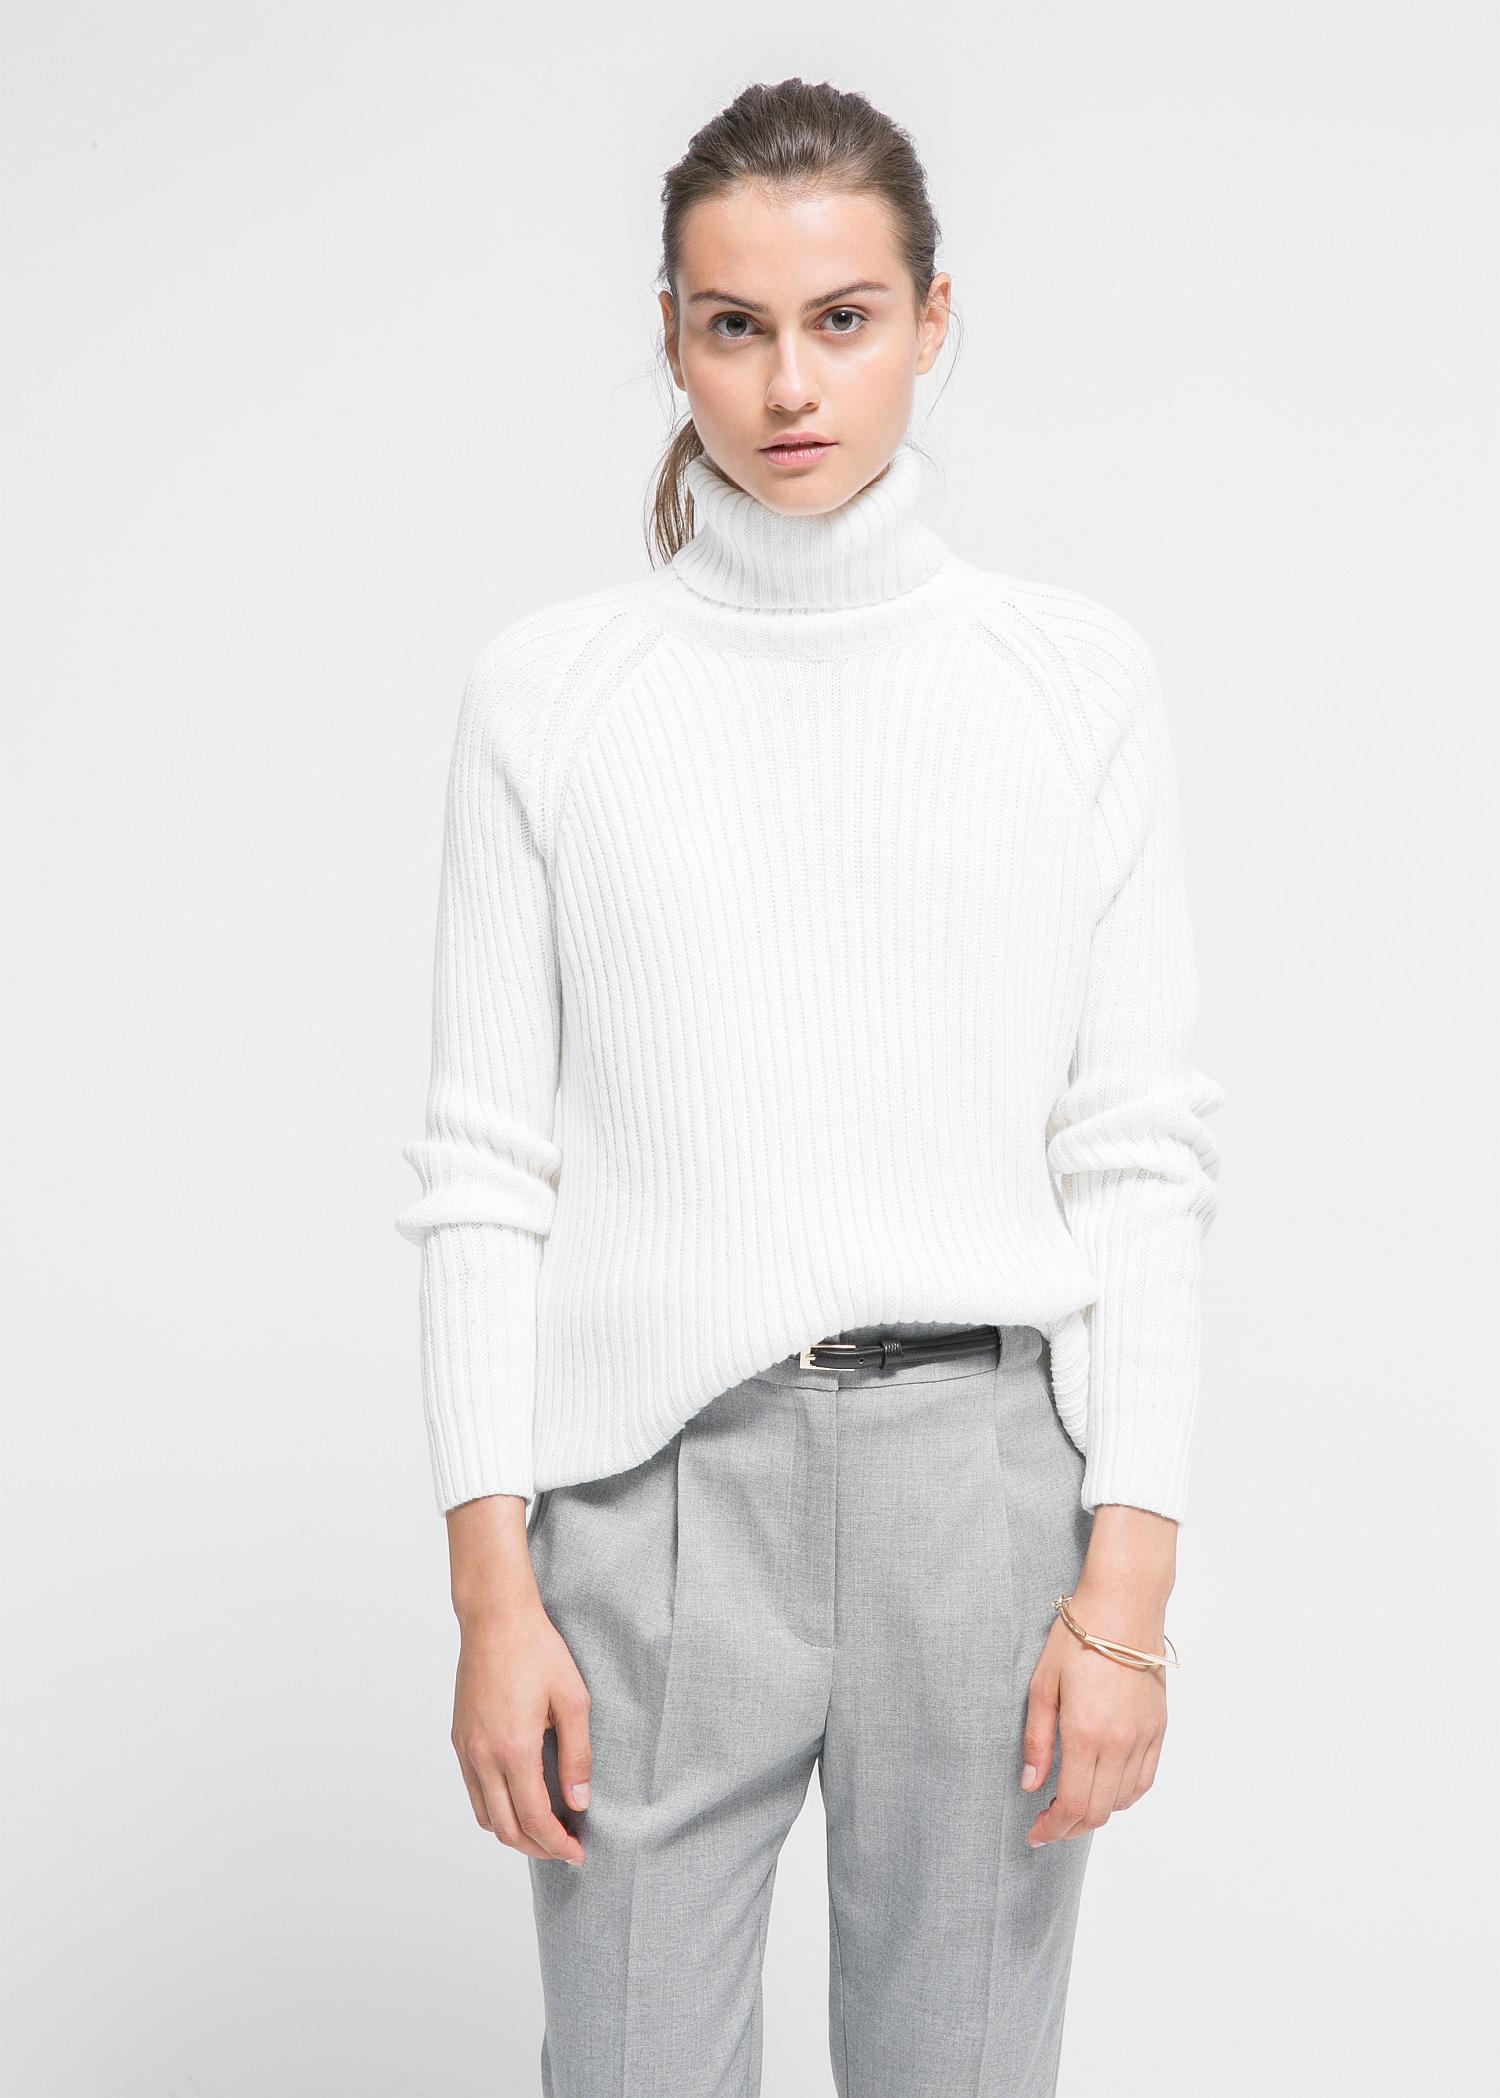 Gerippter pullover aus woll-mix - Cardigans und pullover für Damen | MANGO